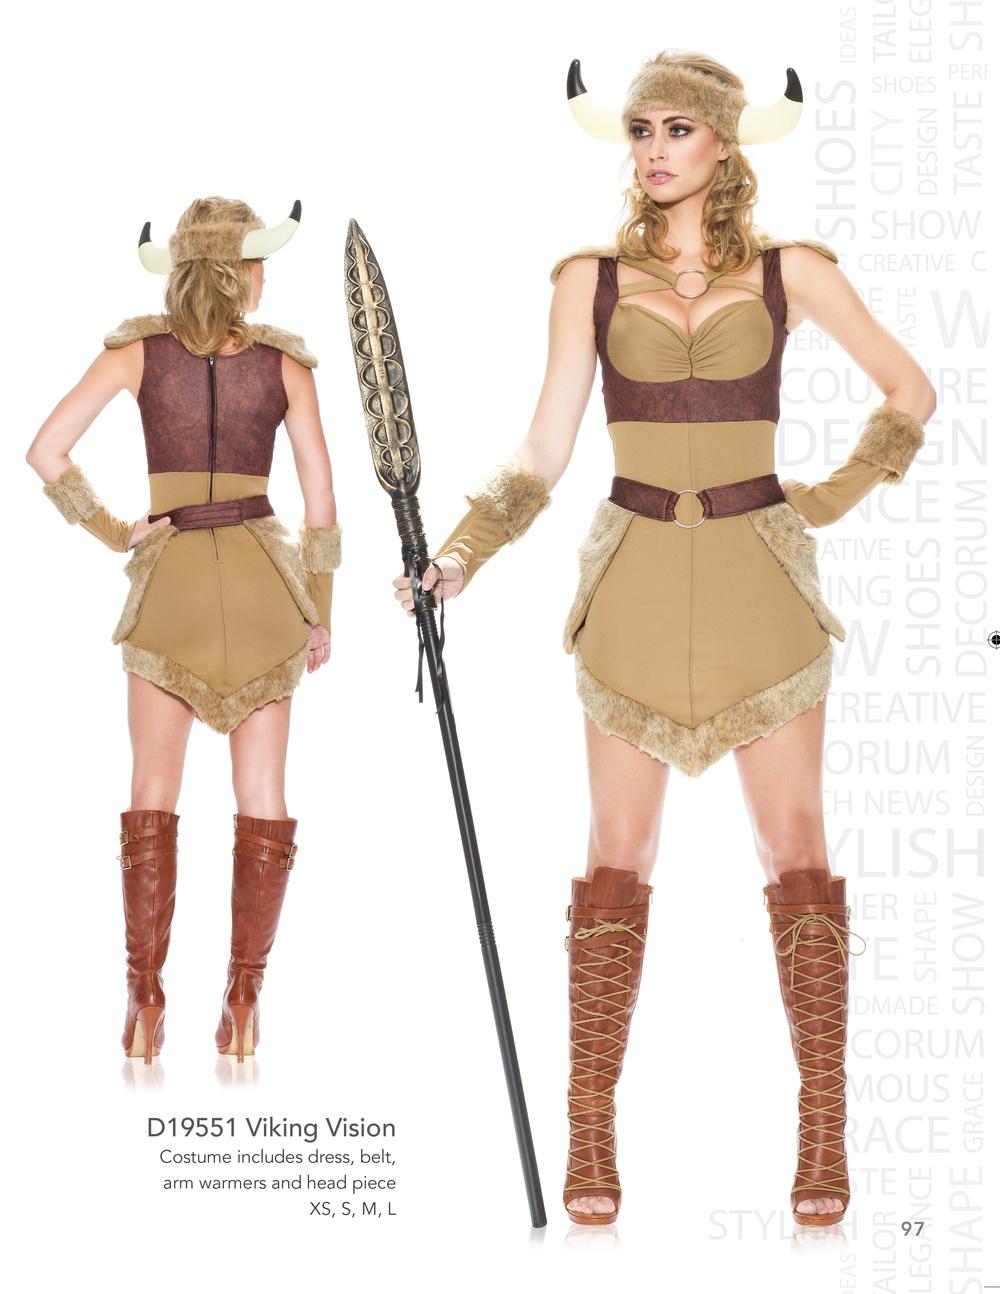 D19551 Viking Vision